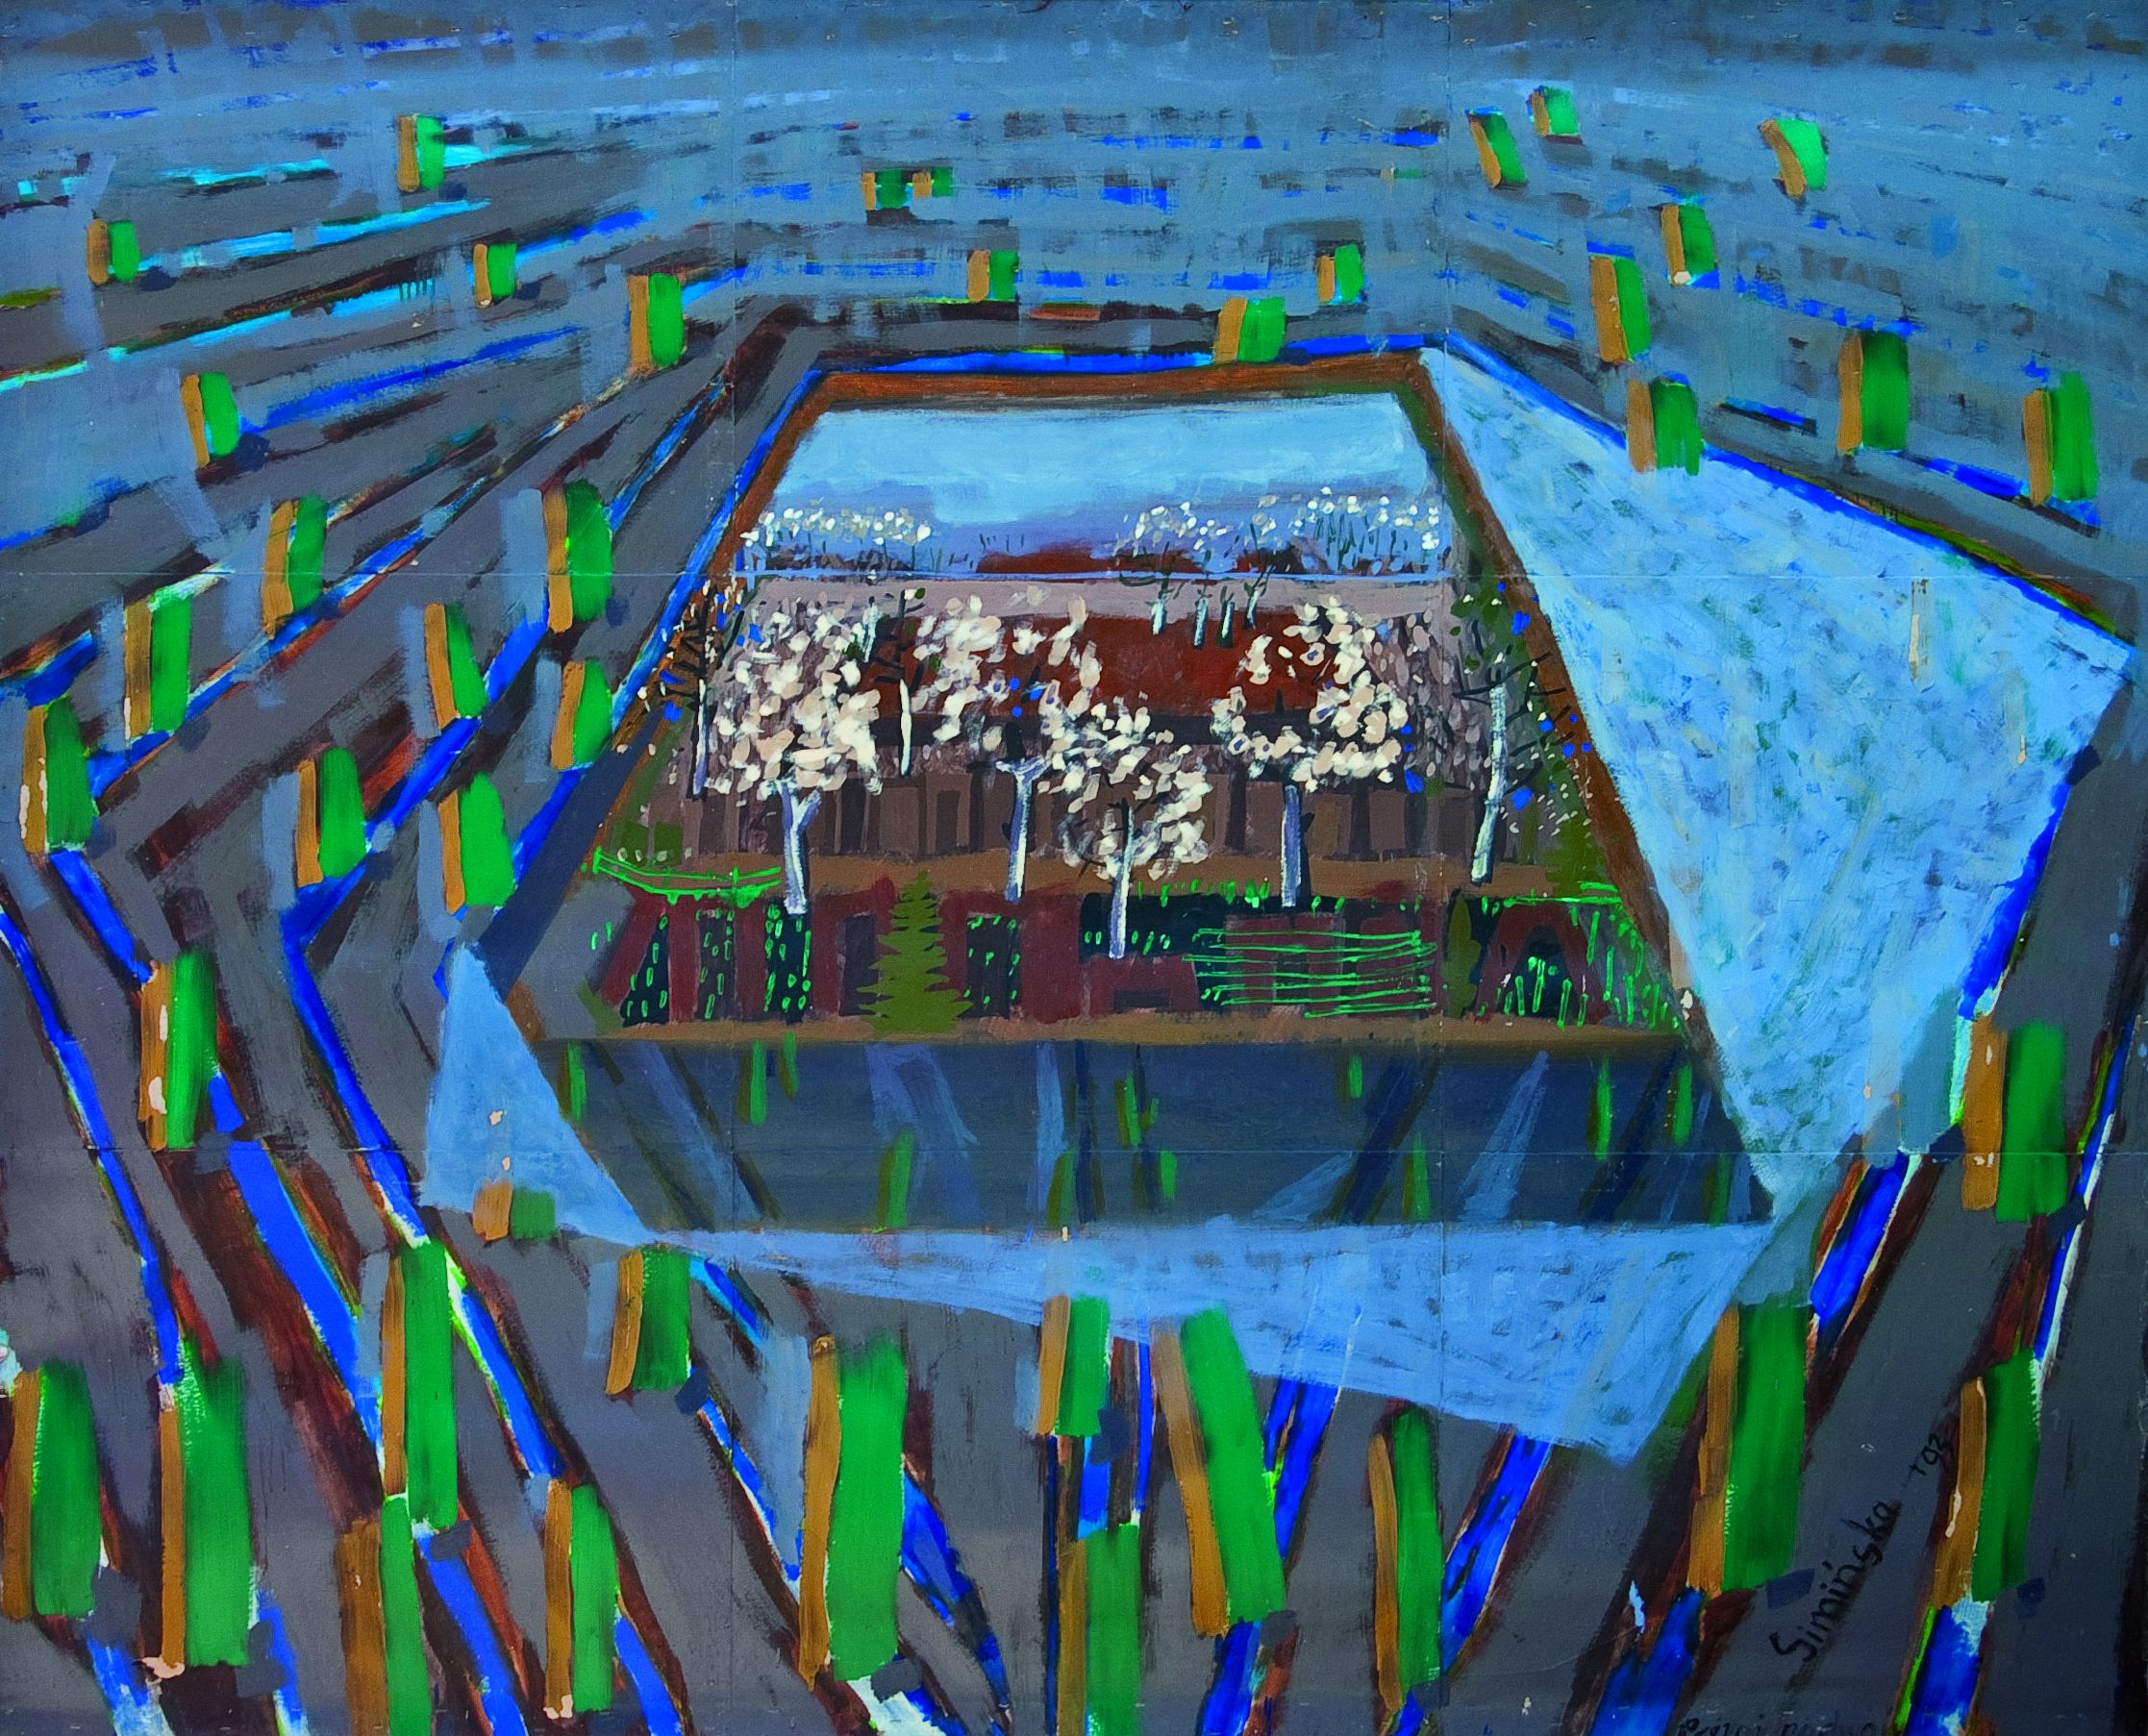 Aleksandra Simińska, Aleksandra Simińska,1992, Pejzaż z kwitnącym sadem, 1992, olej na kartonie, 196×236, fot. Ł. Maklakiewicz (źródło: materiały prasowe)